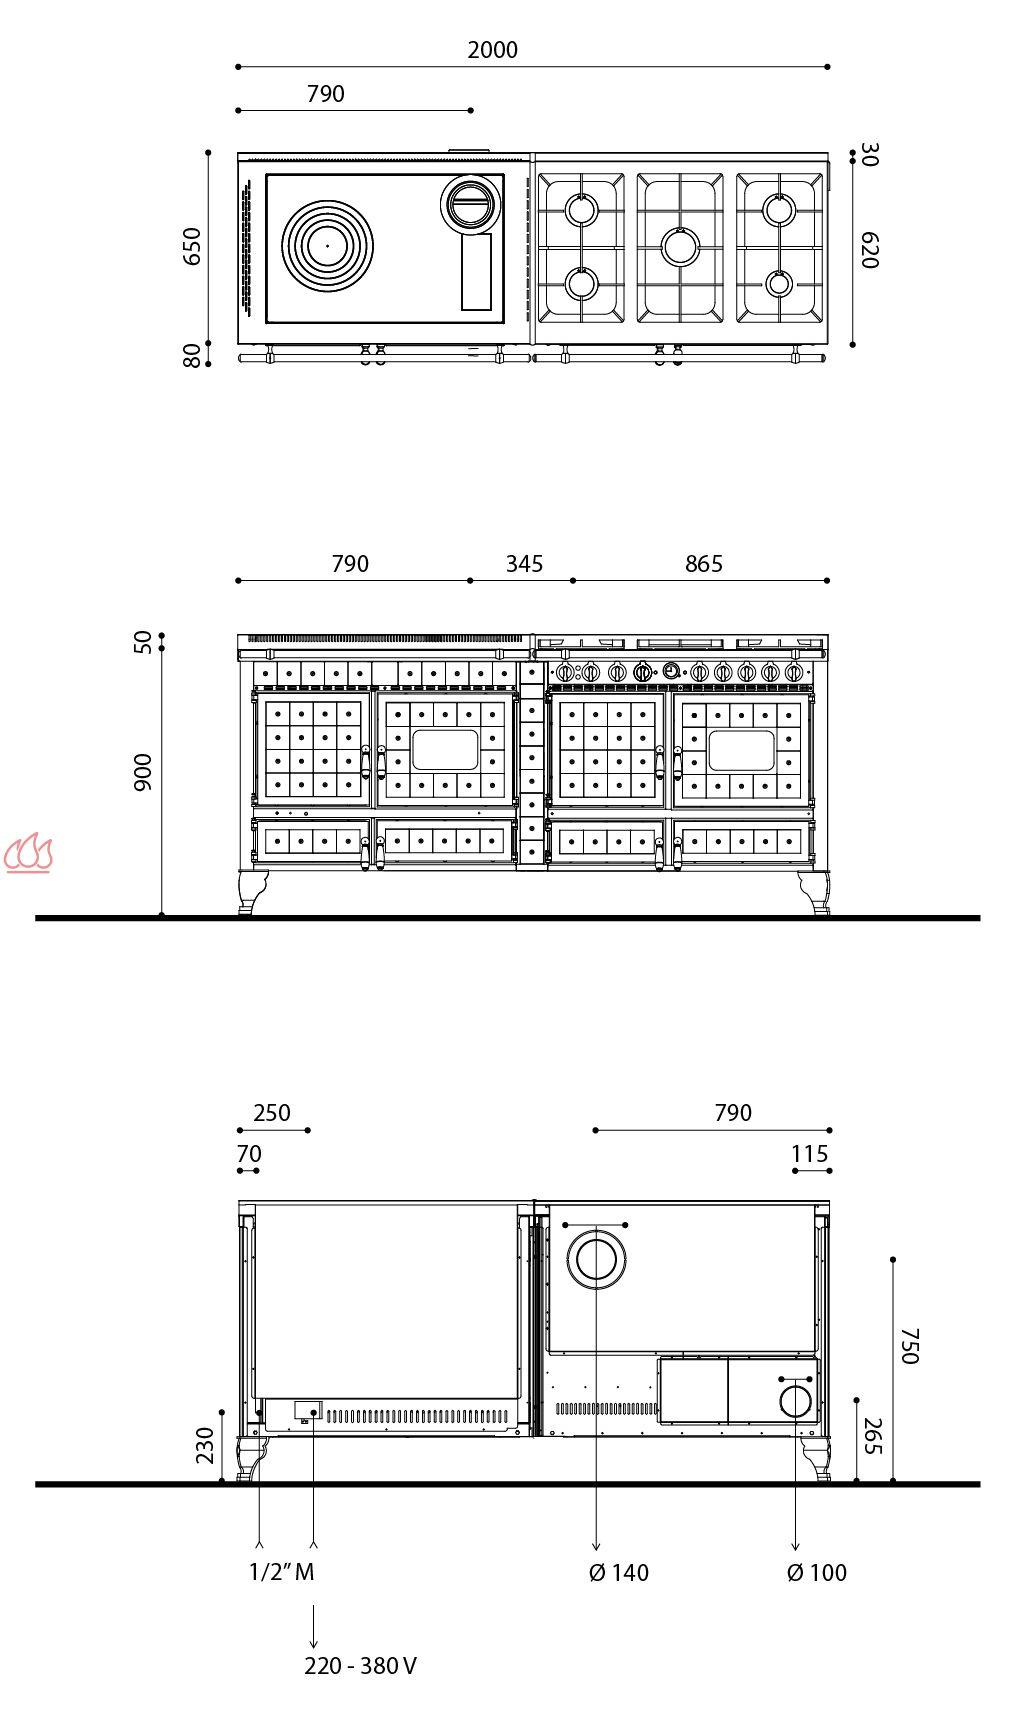 Piano de cuisson bois gaz et lectrique 200cm avec 3 fours et plaque de cui - Piano cuisson electrique ...